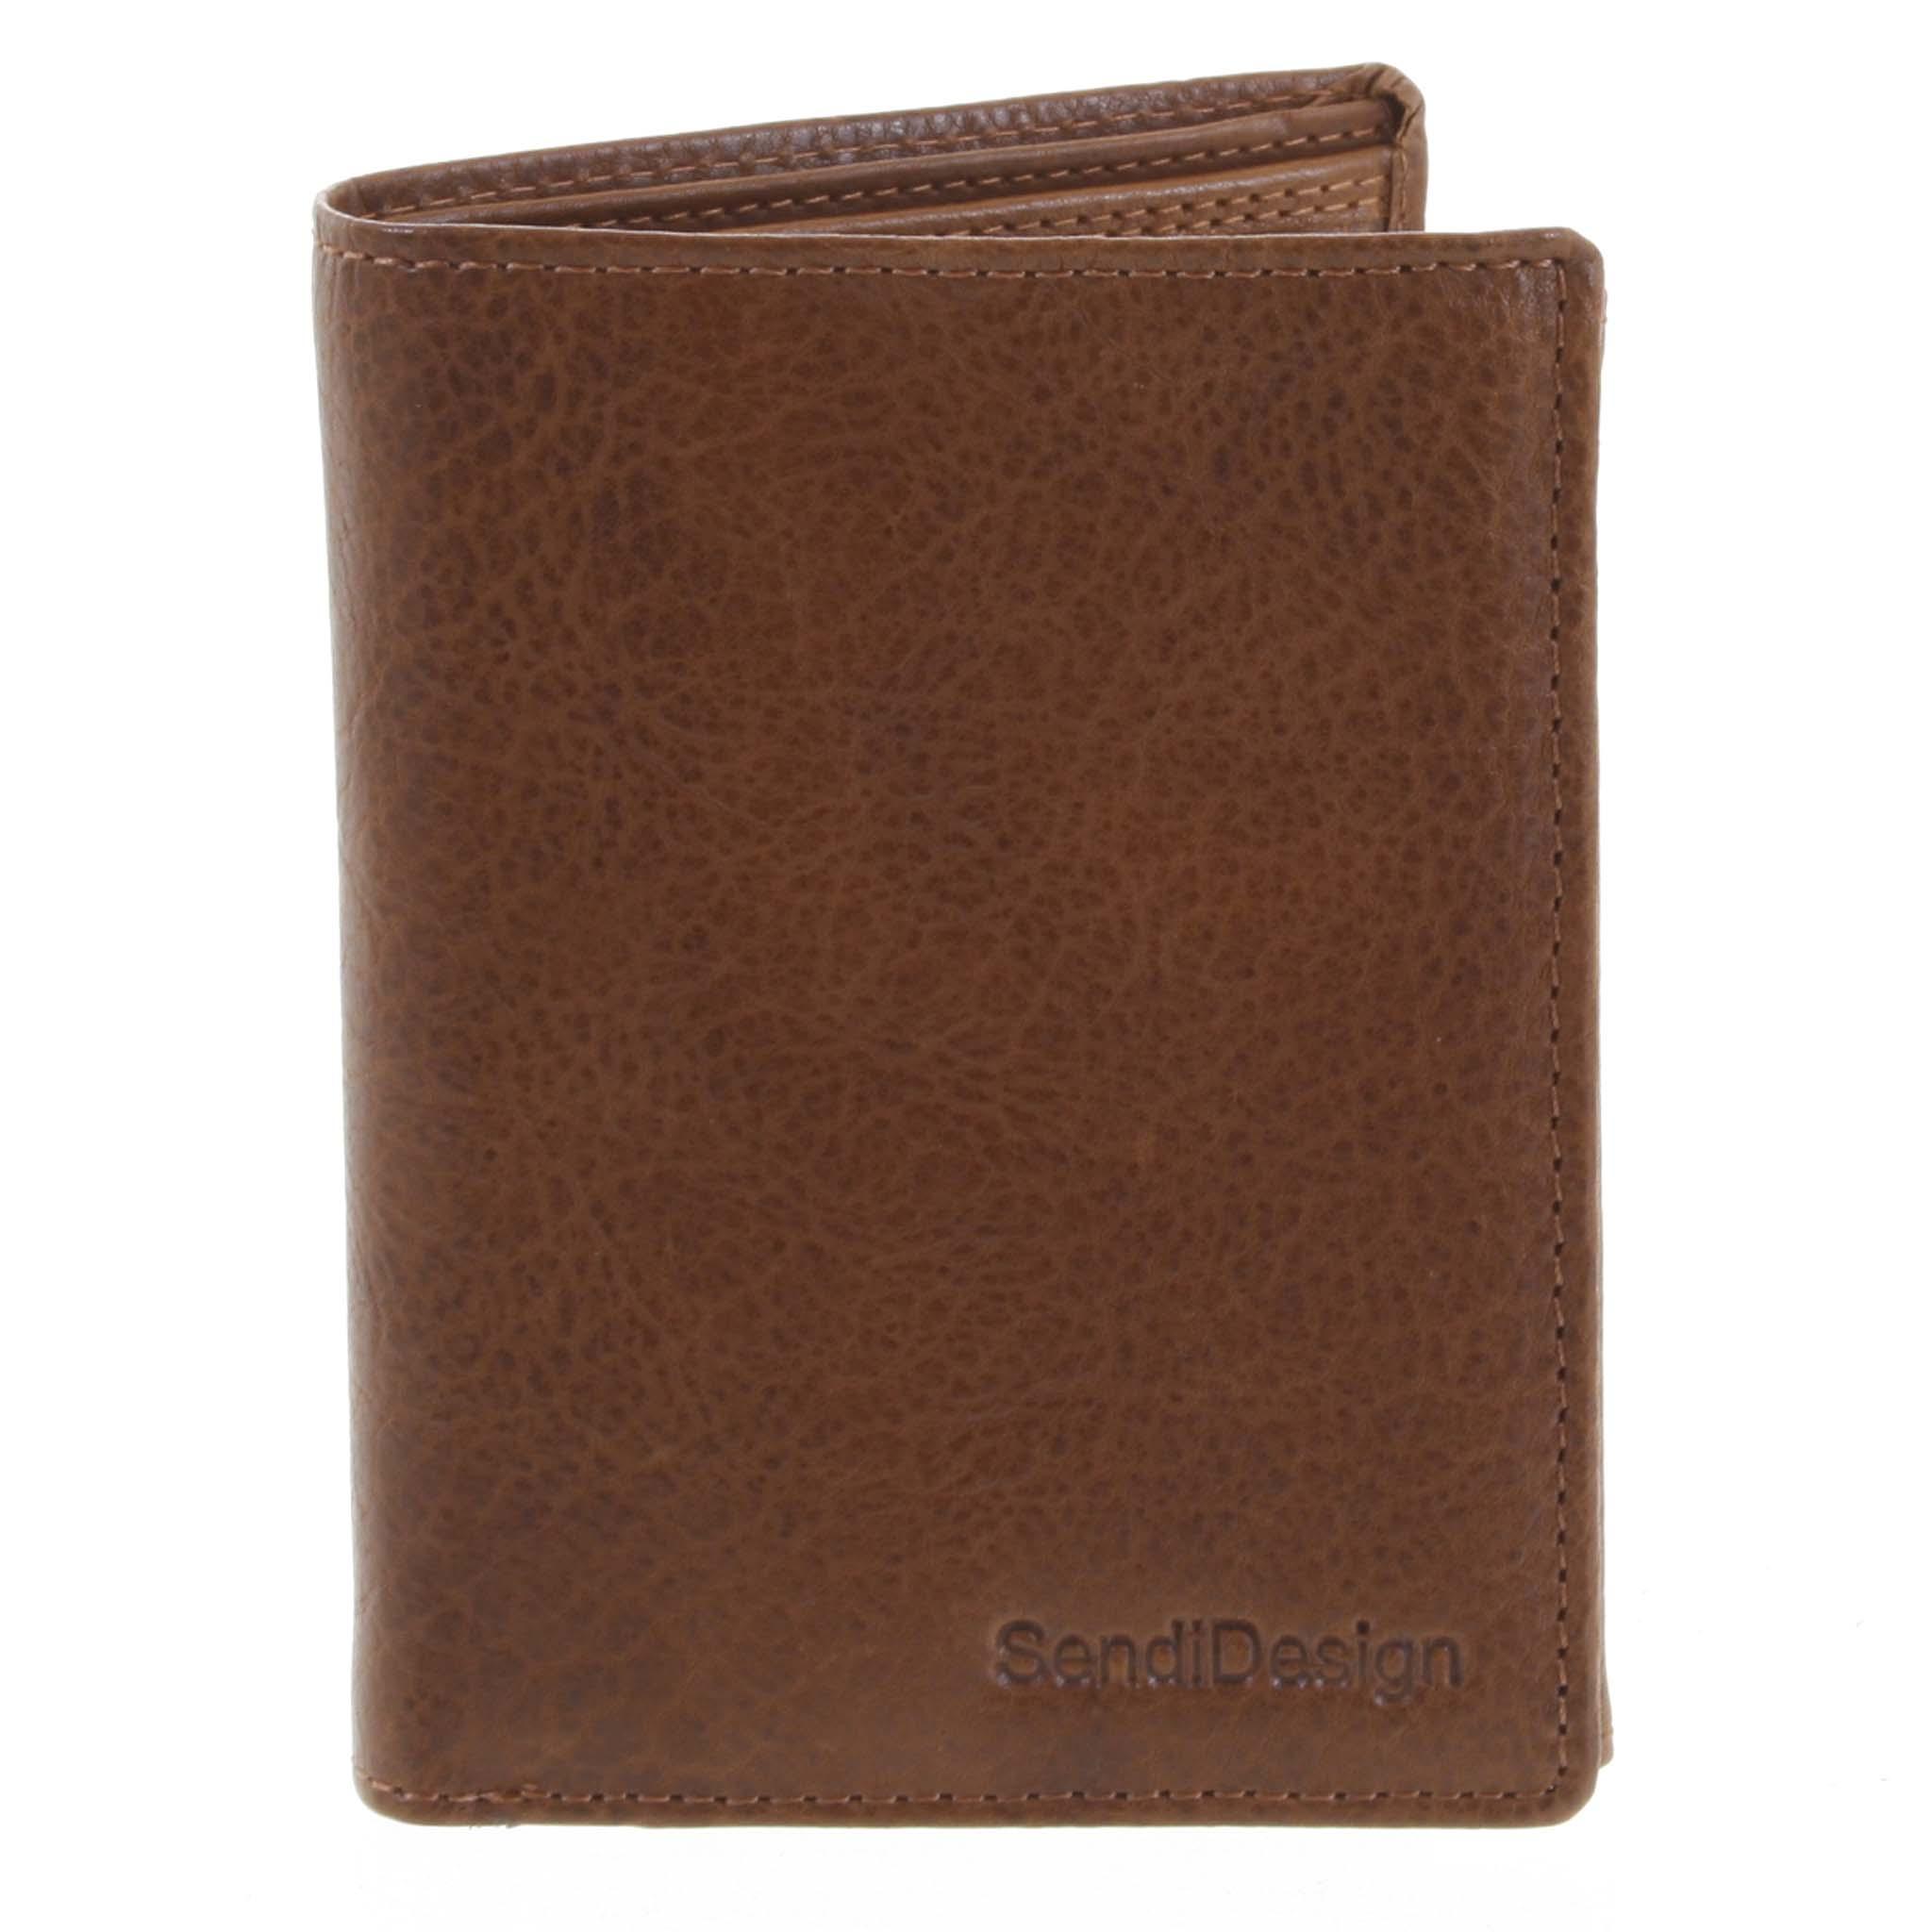 Pánská kožená peněženka světle hnědá - SendiDesign Benny